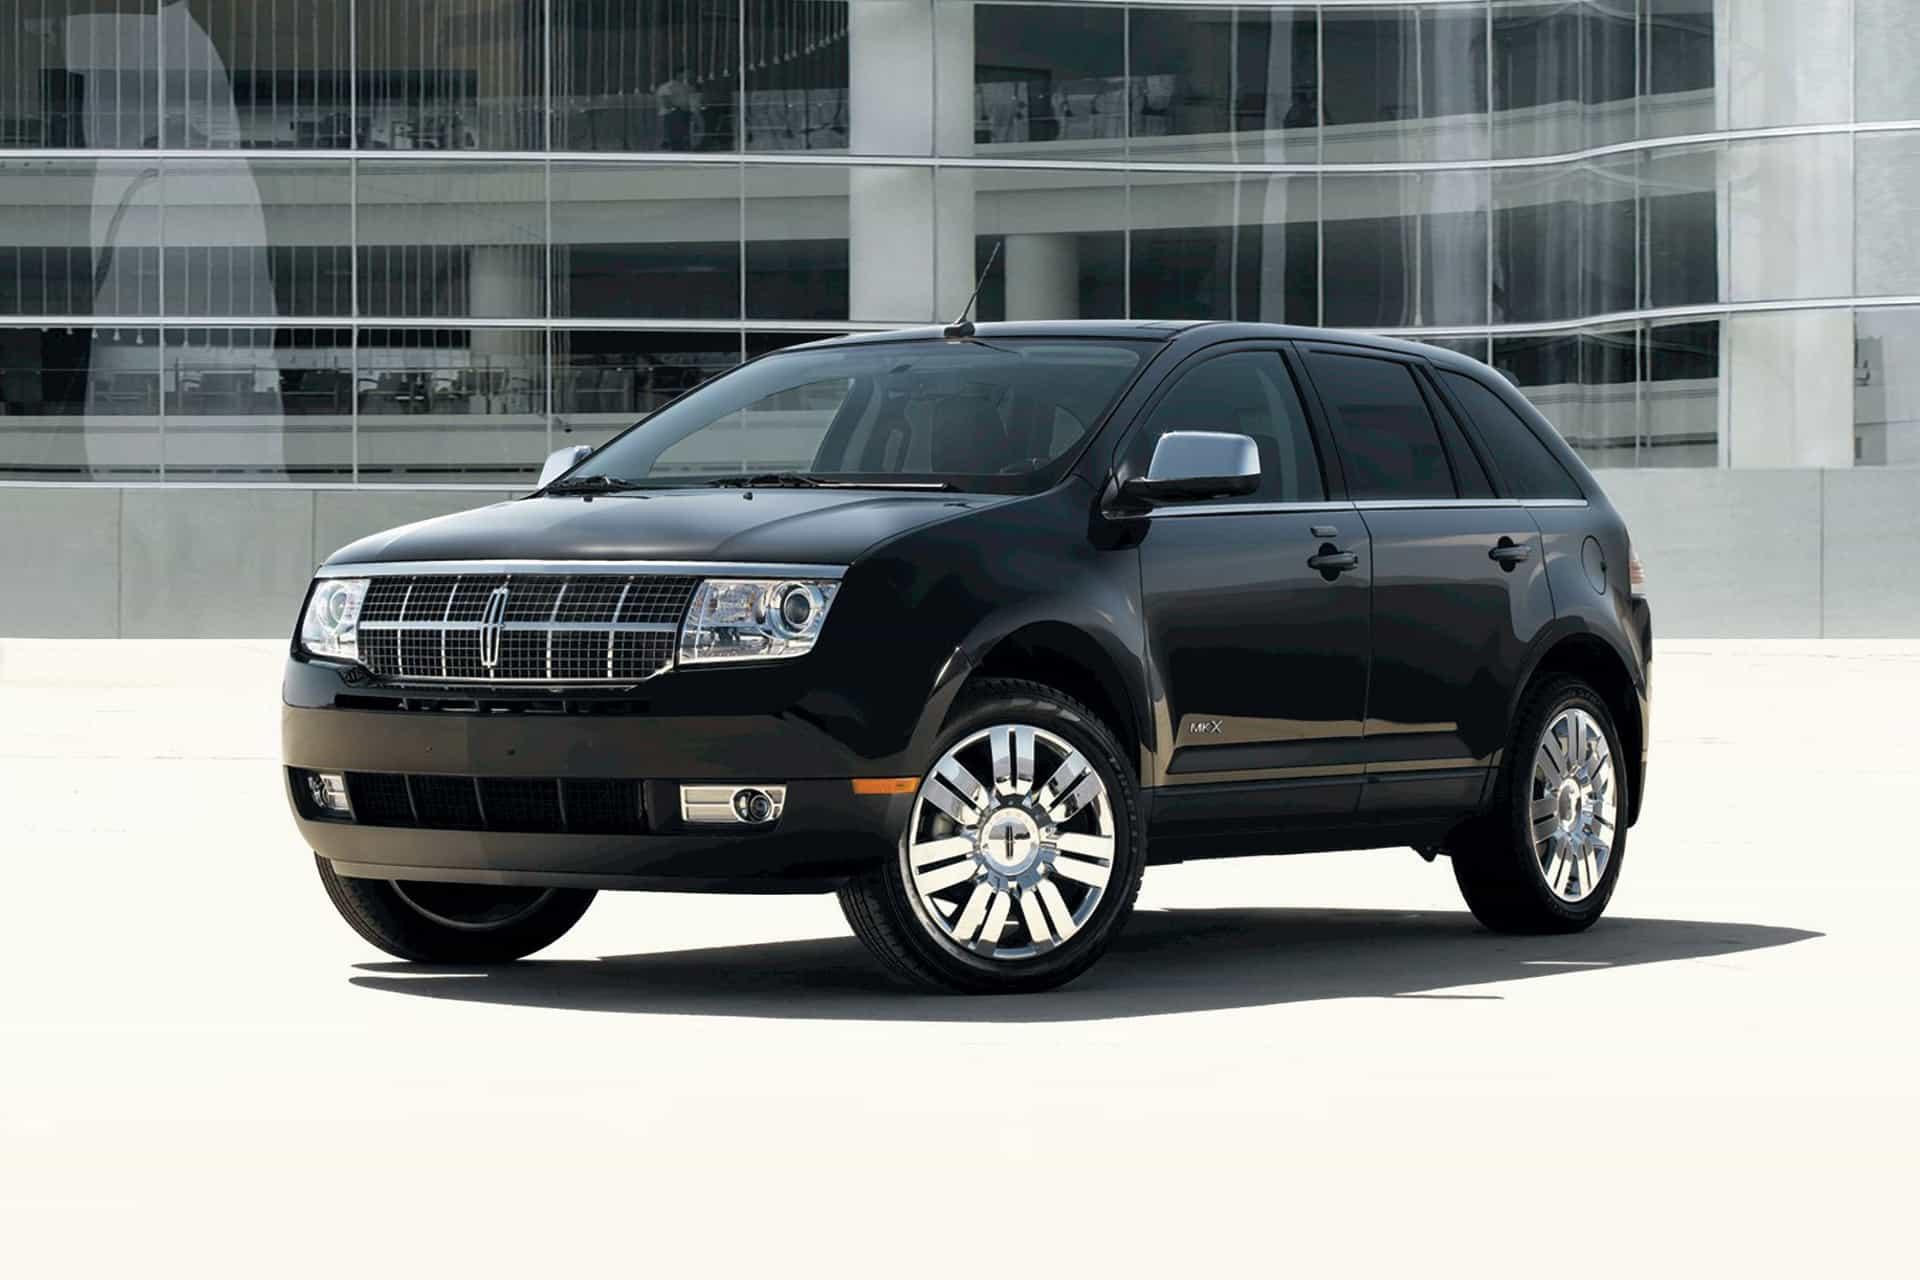 Дефектный Lincoln MKX 2008-2010.